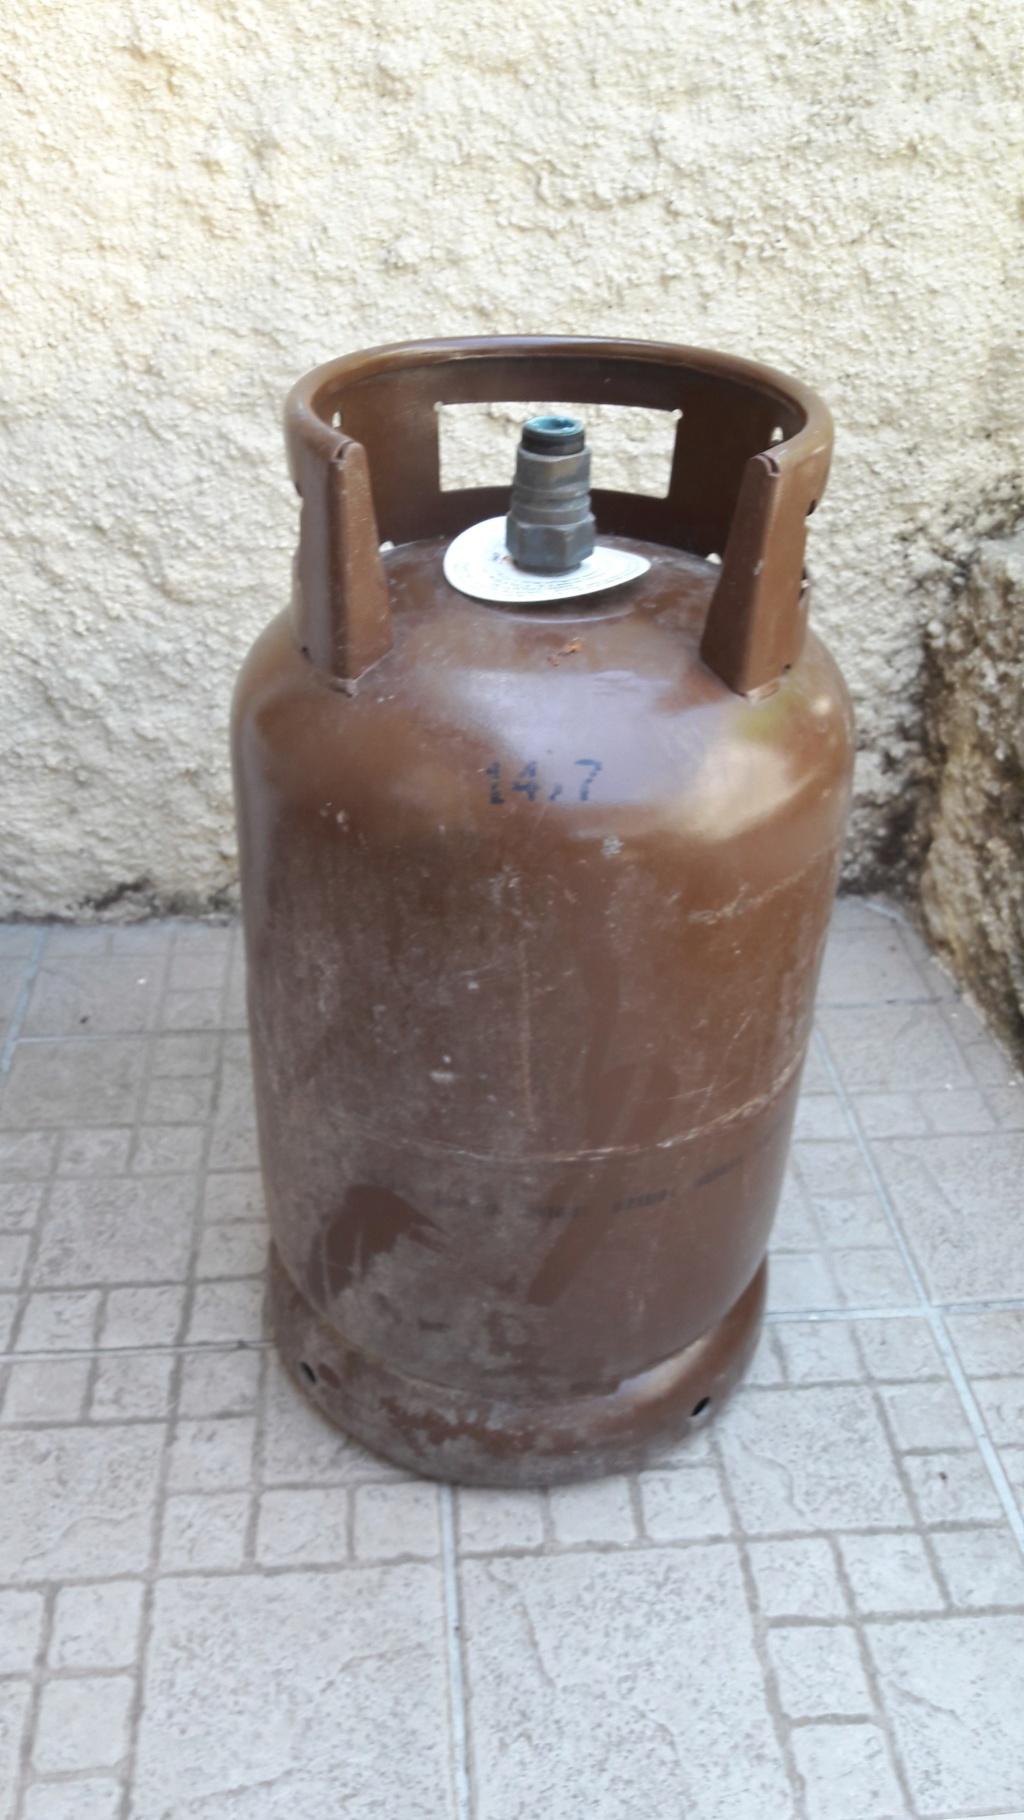 [ESPAGNE] Achat consigne  bouteilles de gaz espagnoles  - Page 3 Boutei10